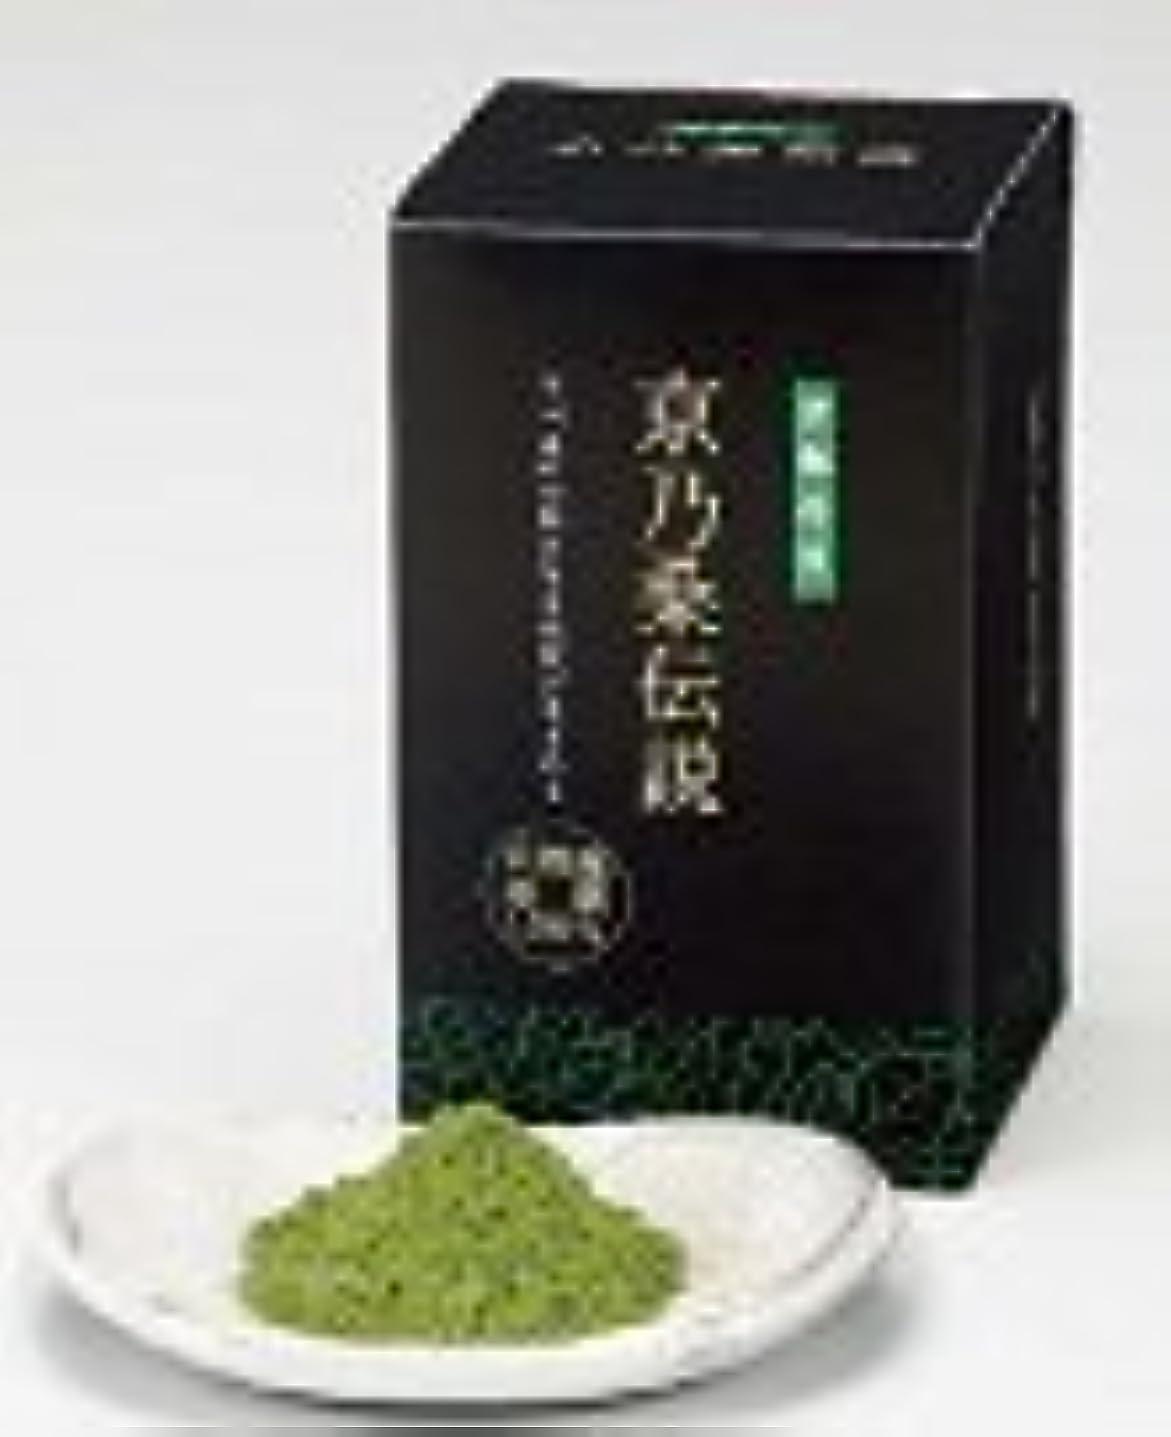 一般的な退化するまつげ京乃桑伝説(桑の葉粉茶、青汁)お試し10袋入り